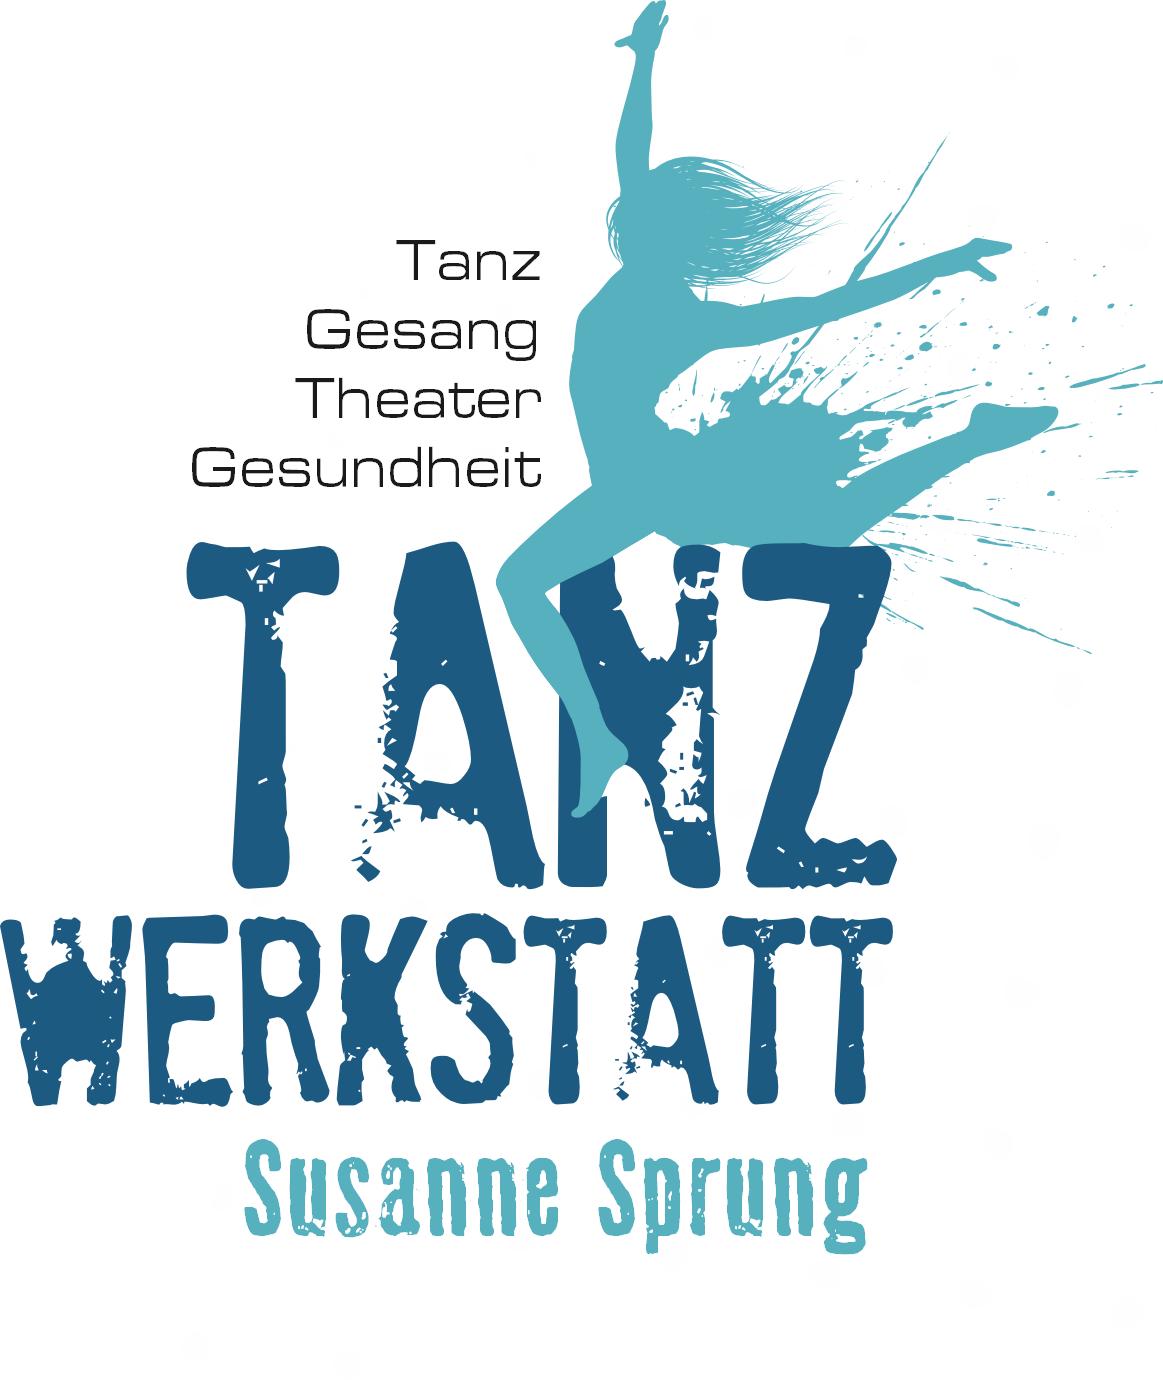 Tanzwerkstatt Neunkirchen tanzen lernen